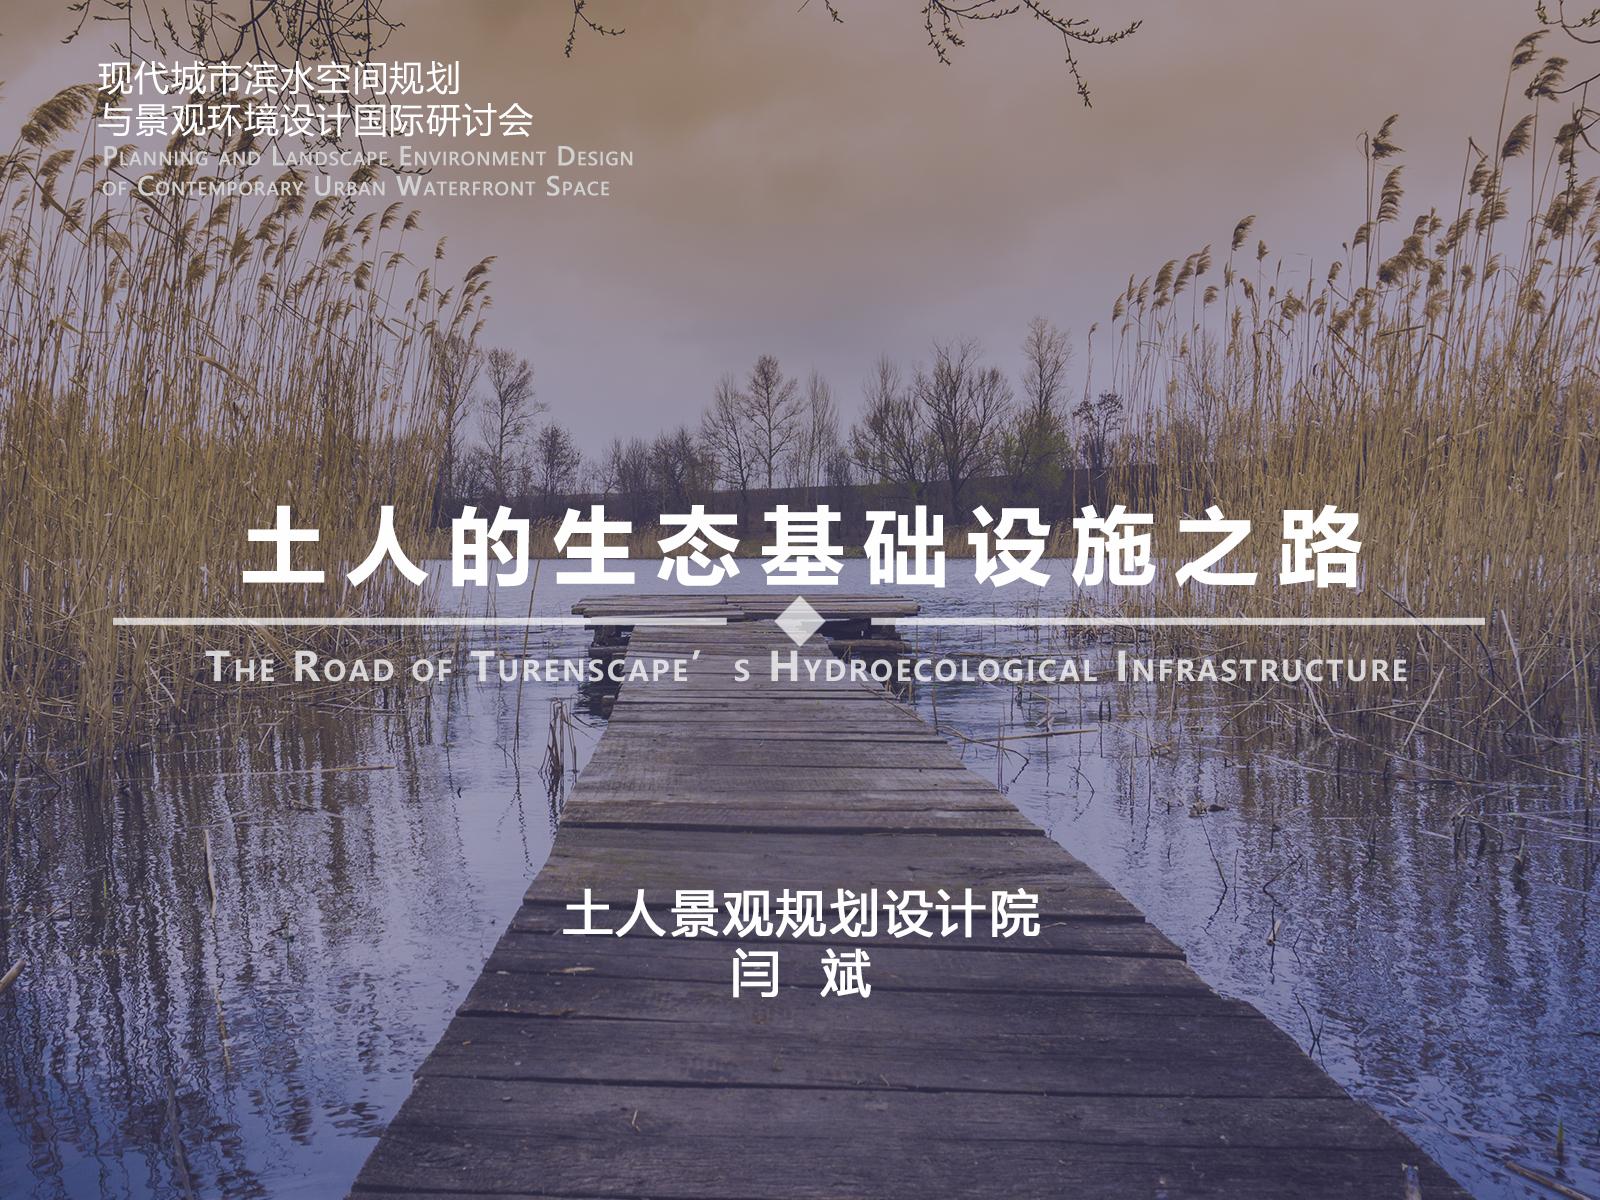 闫斌— 土人的生态基础设施之路—【现代城市滨水空间规划与景观环境设计国际研讨会】